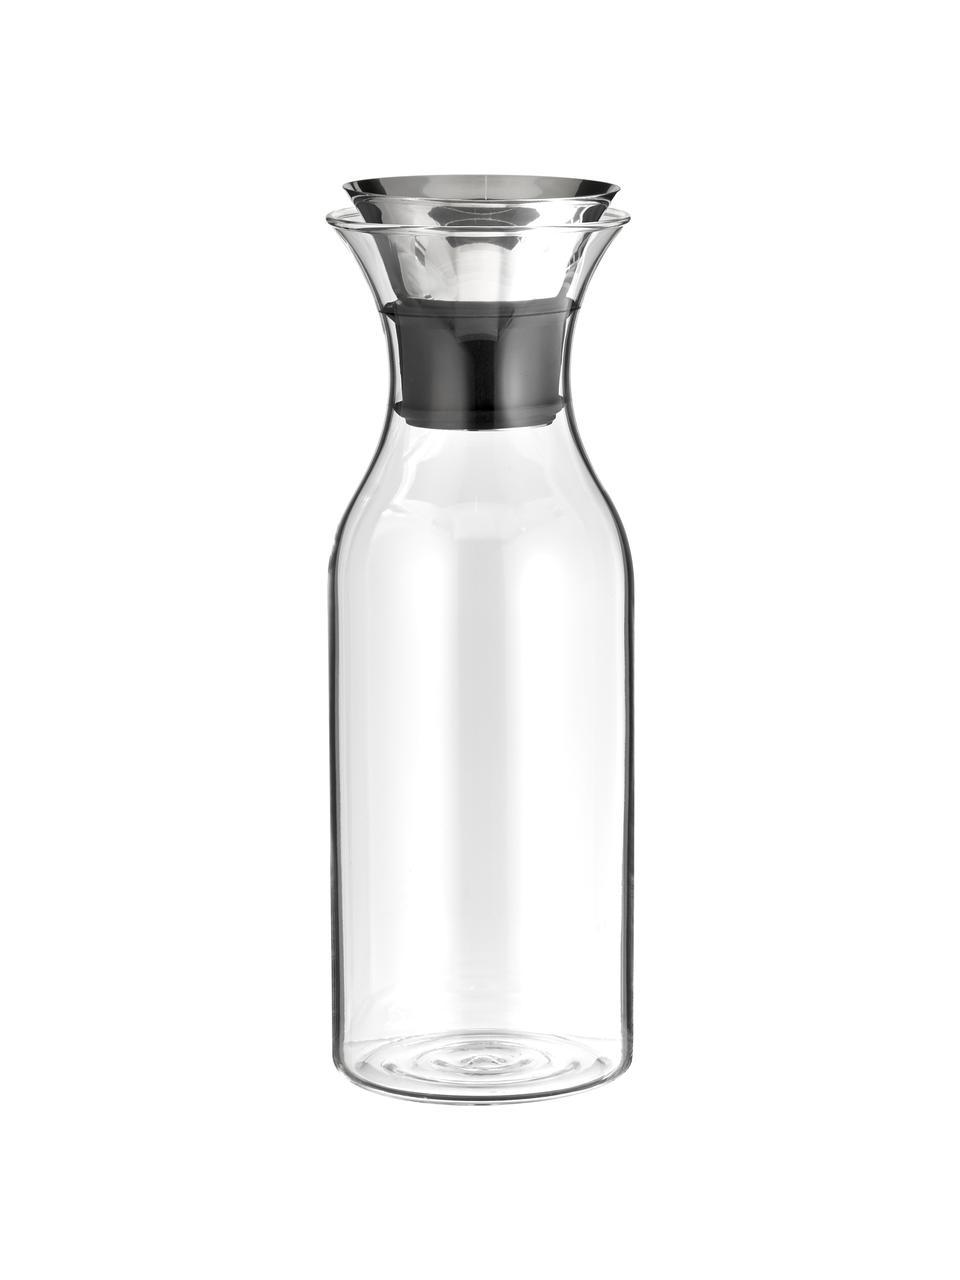 Caraffa in vetro borosilicato Eva Solo, 1 L, Coperchio: acciaio inossidabile, sil, Trasparente, accaio inossidabile, Alt. 27 cm